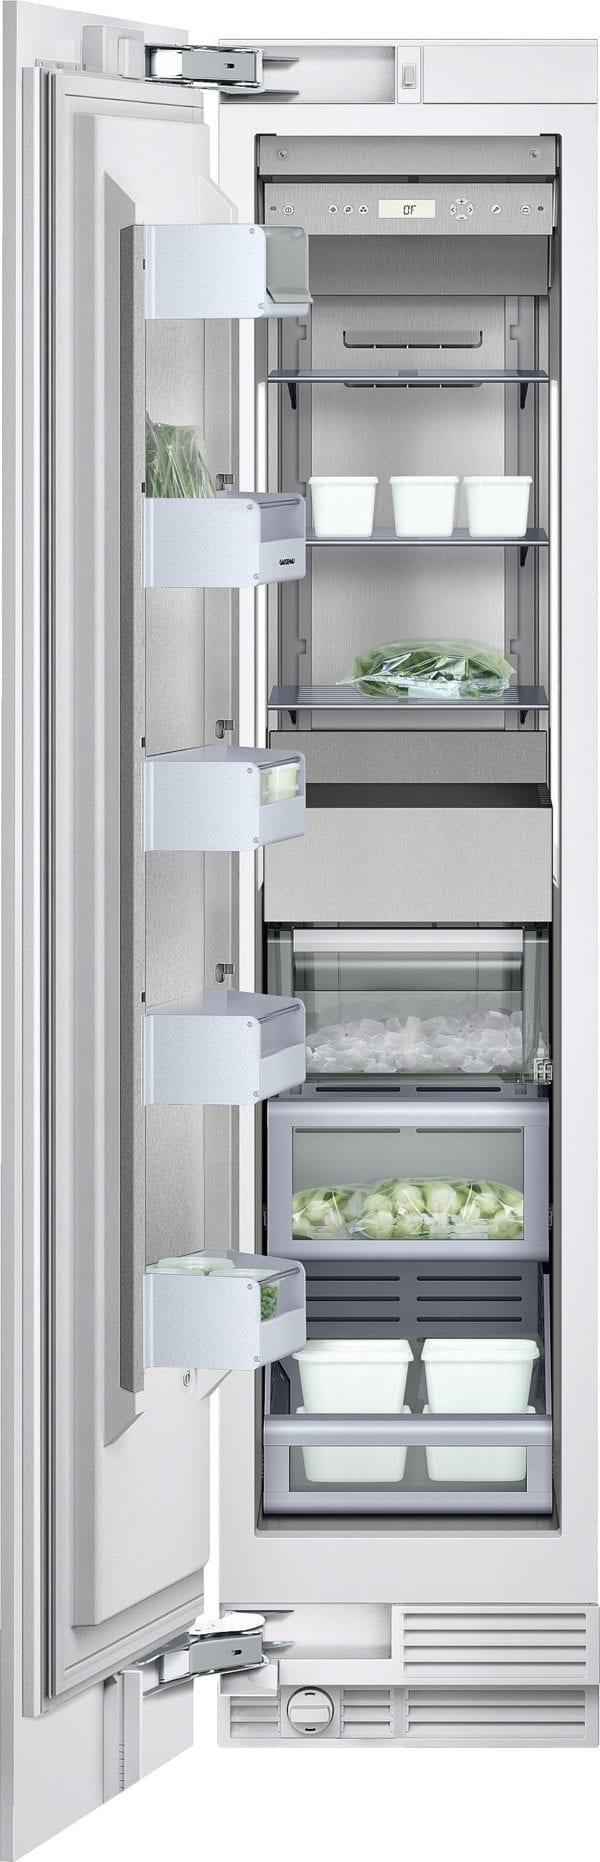 Gaggenau RF411701 Freezer